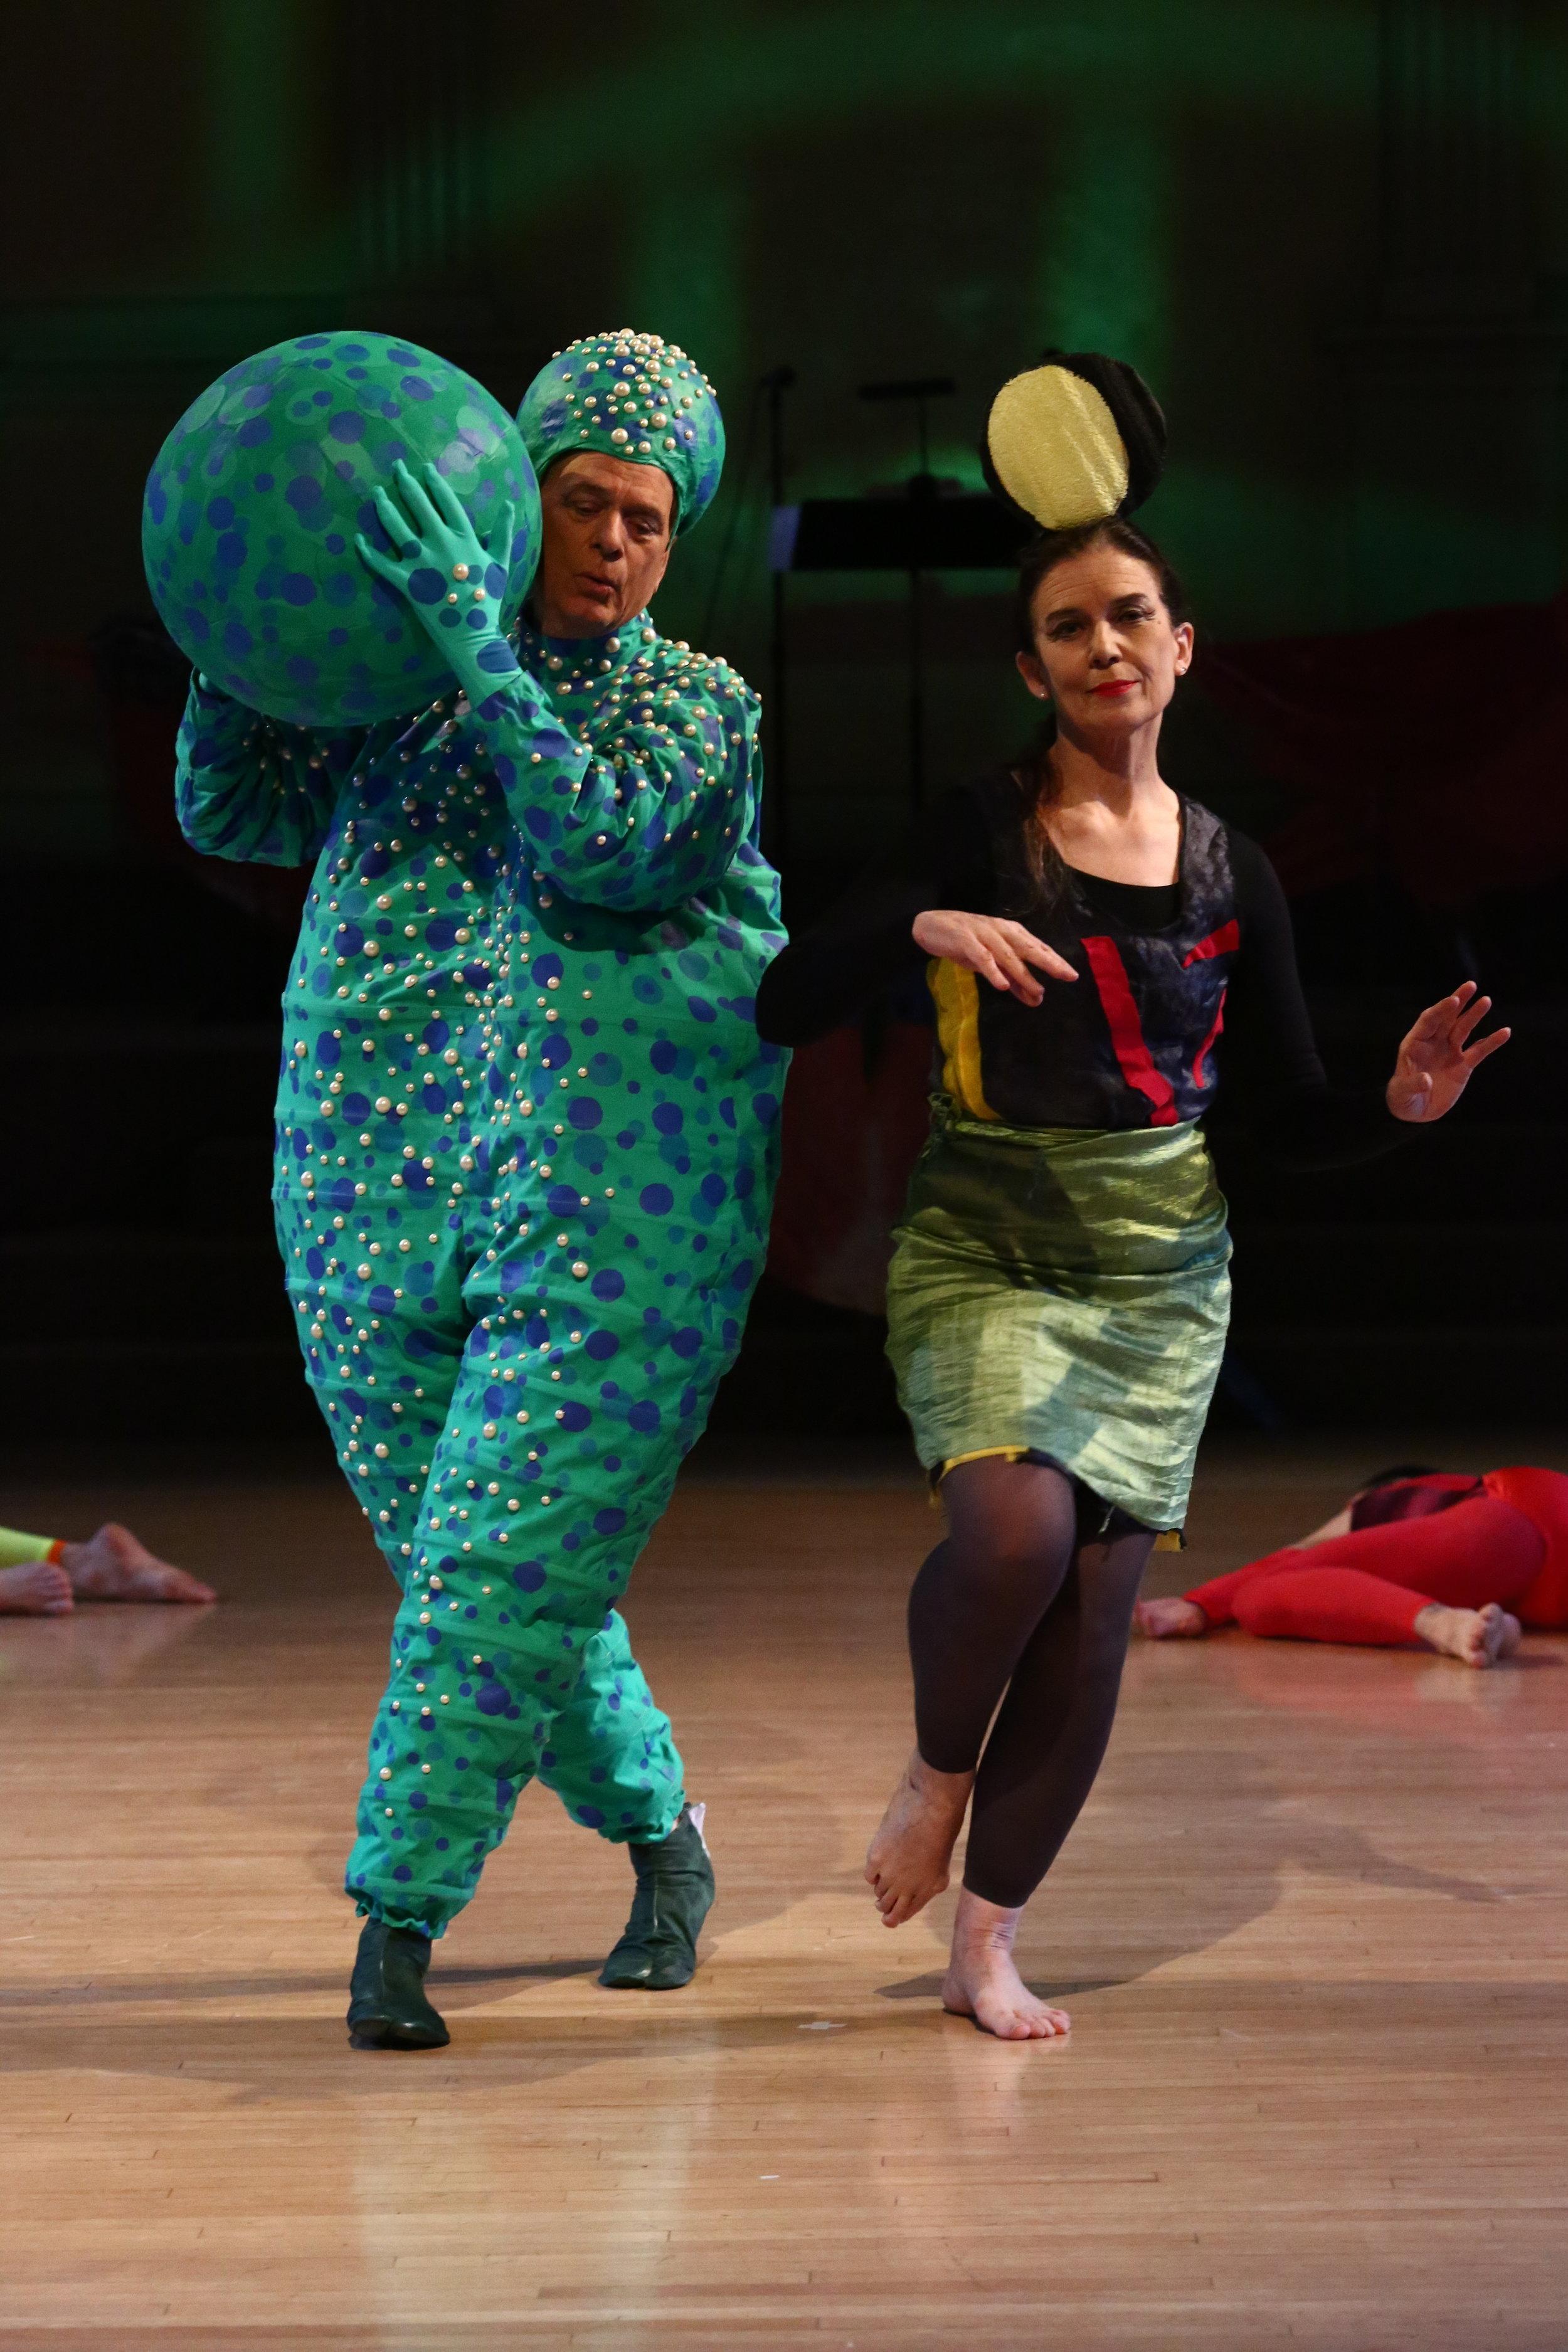 Dancers: Douglas Dunn & Grazia Della-Terza, Photo © Paula Court, 2017